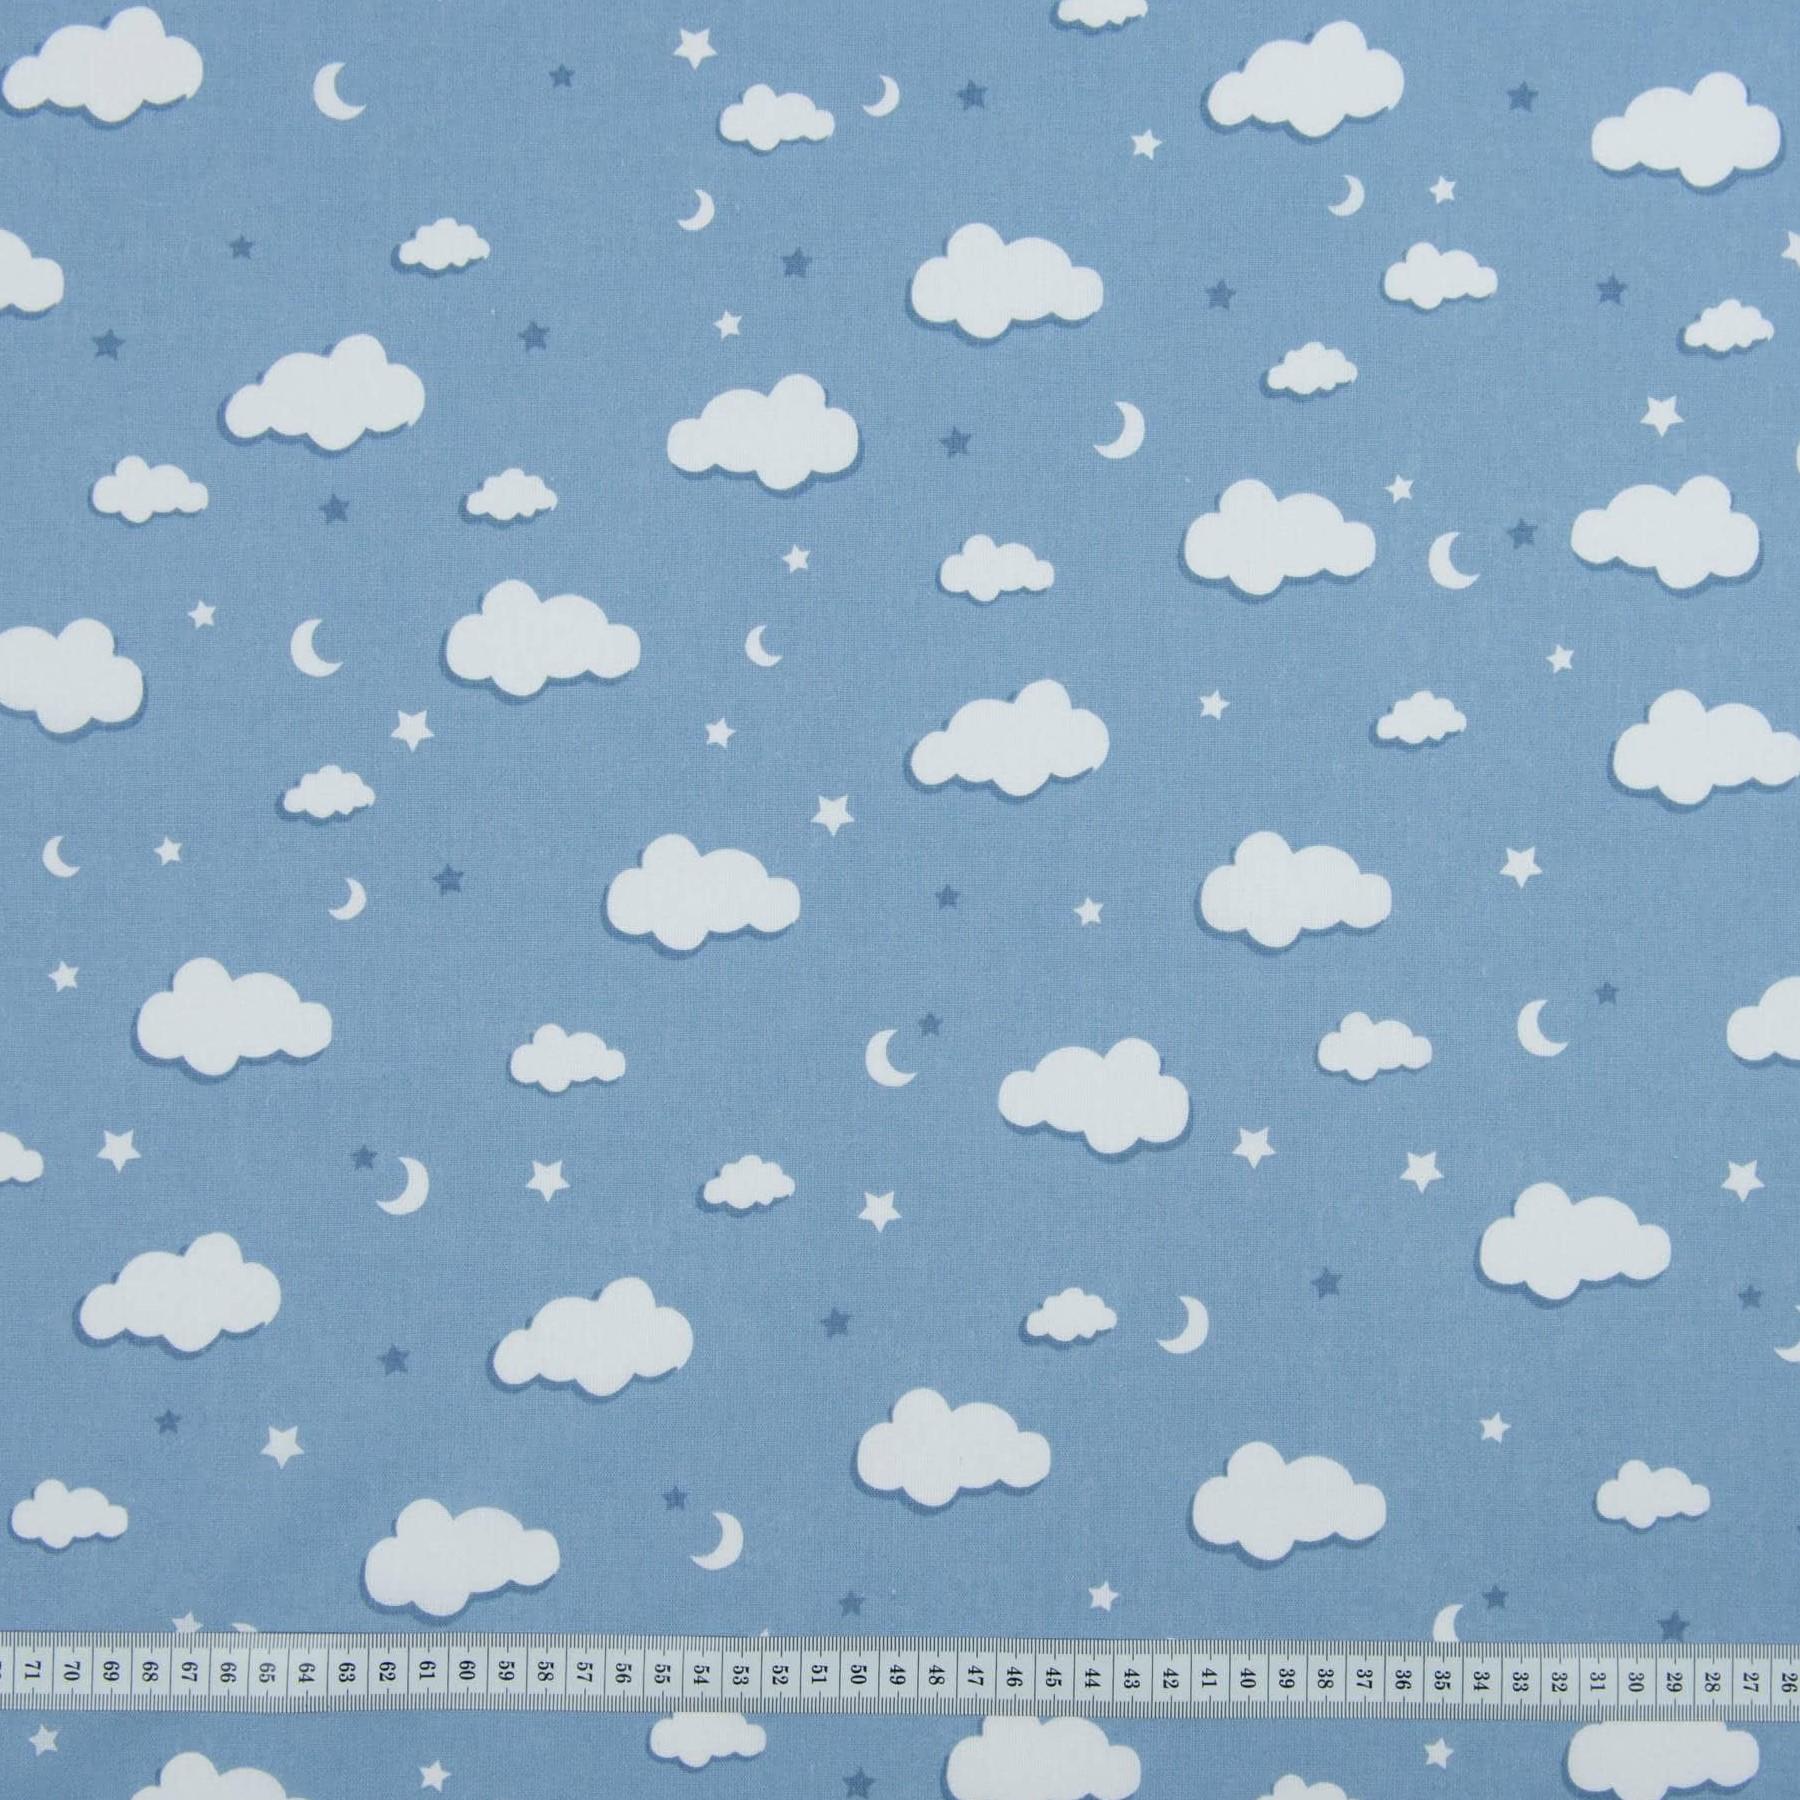 Хлопок Тучки синие, 50х55 см, плотность 120